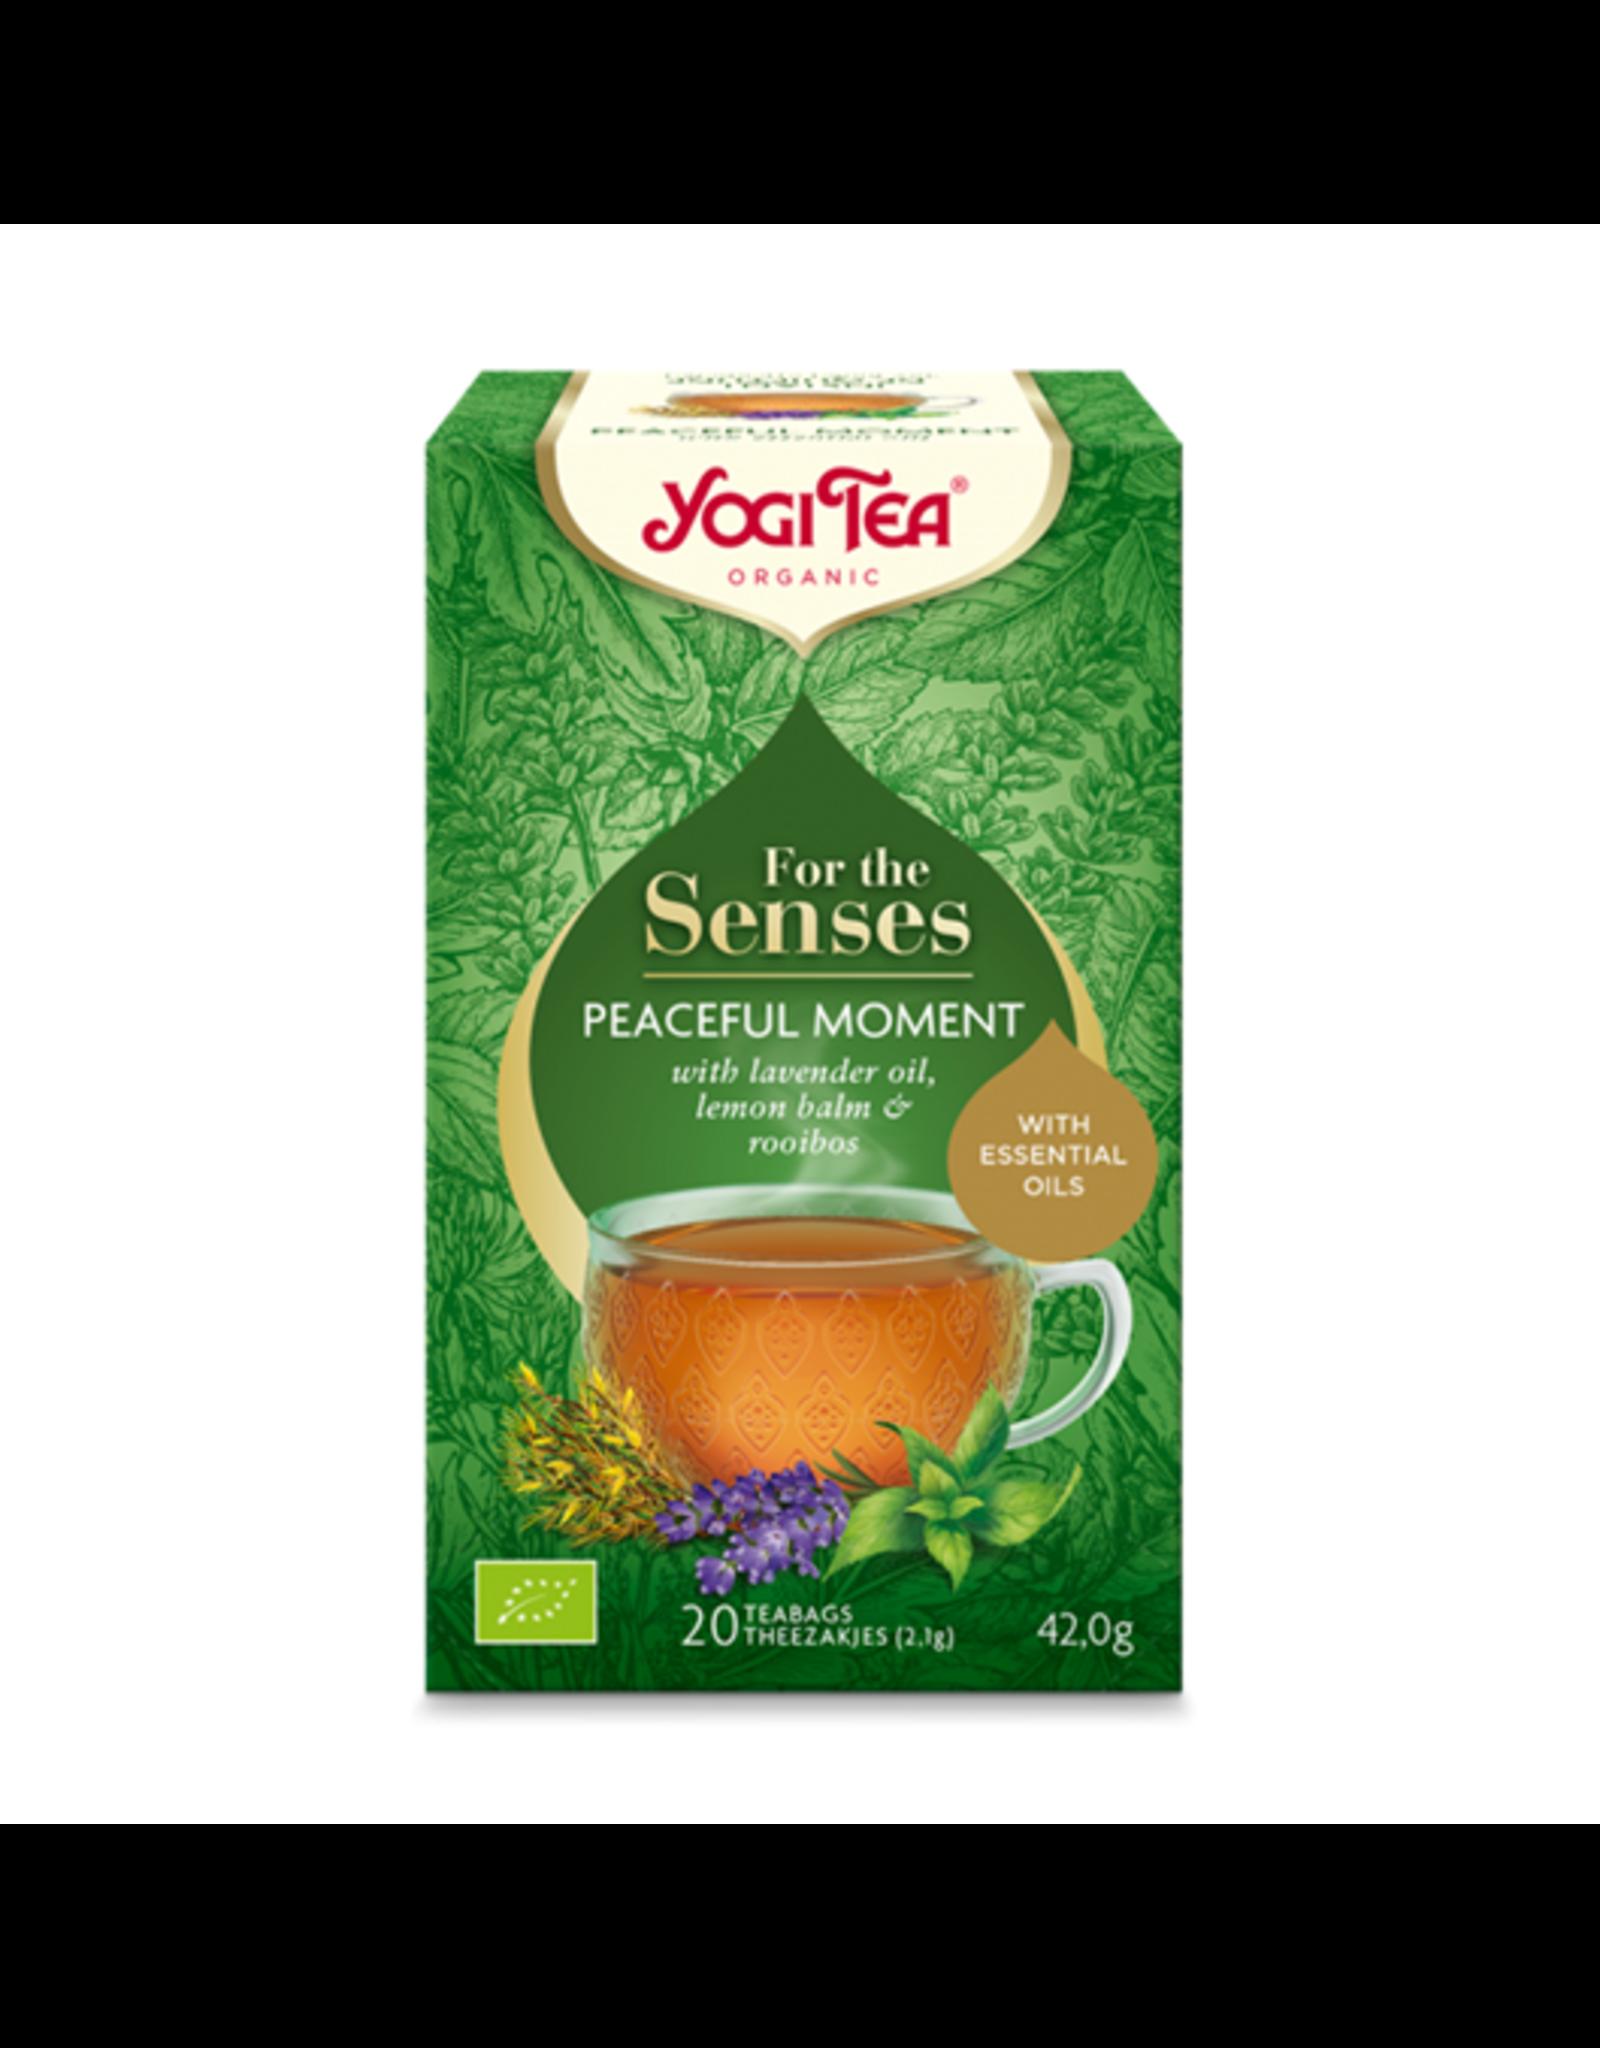 Yogi Tea For the Senses Peaceful Moment